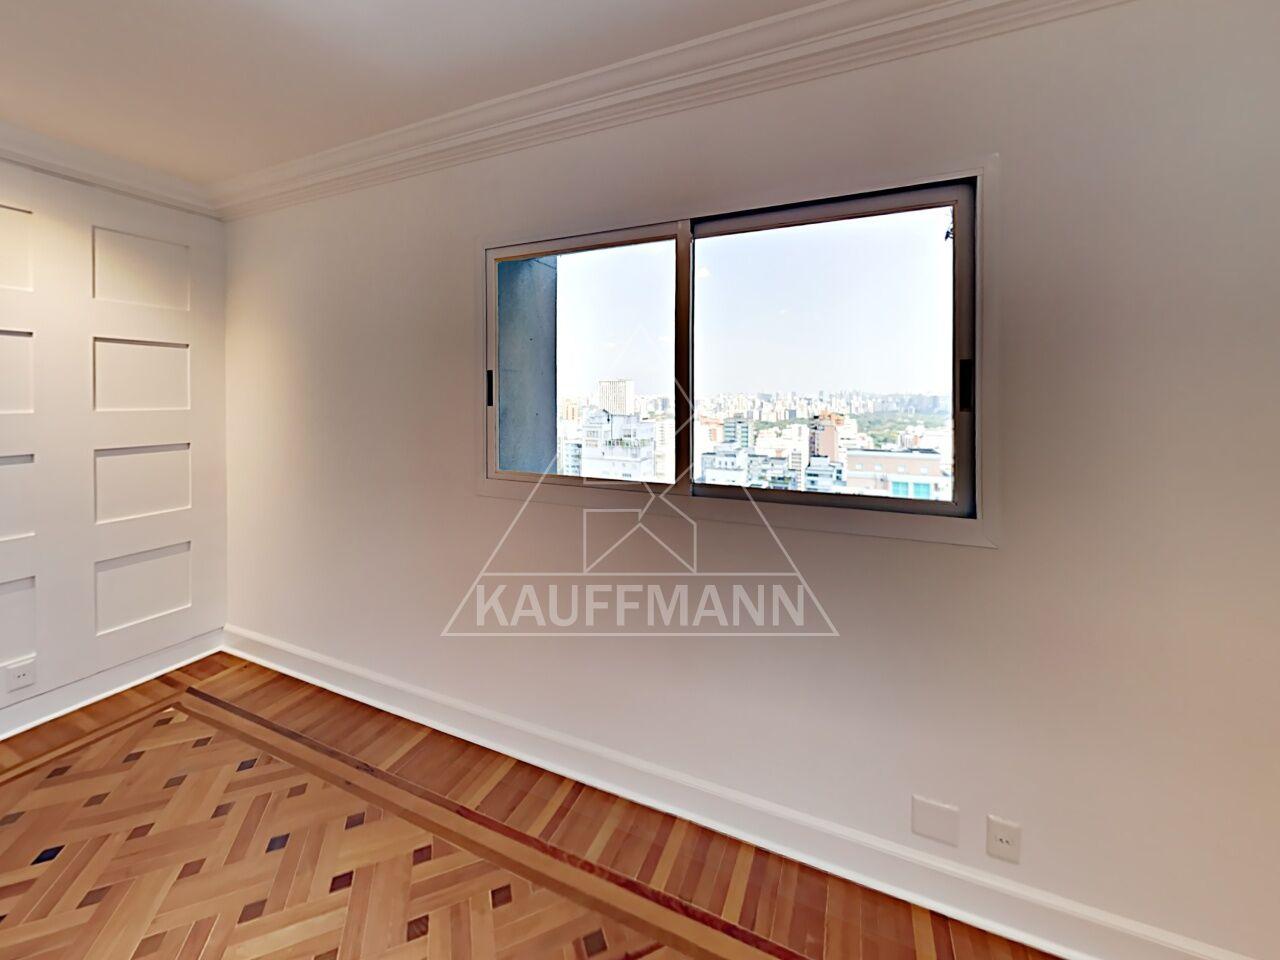 apartamento-venda-sao-paulo-jardim-america-regency-6dormitorios-6suites-7vagas-1099m2-Foto42